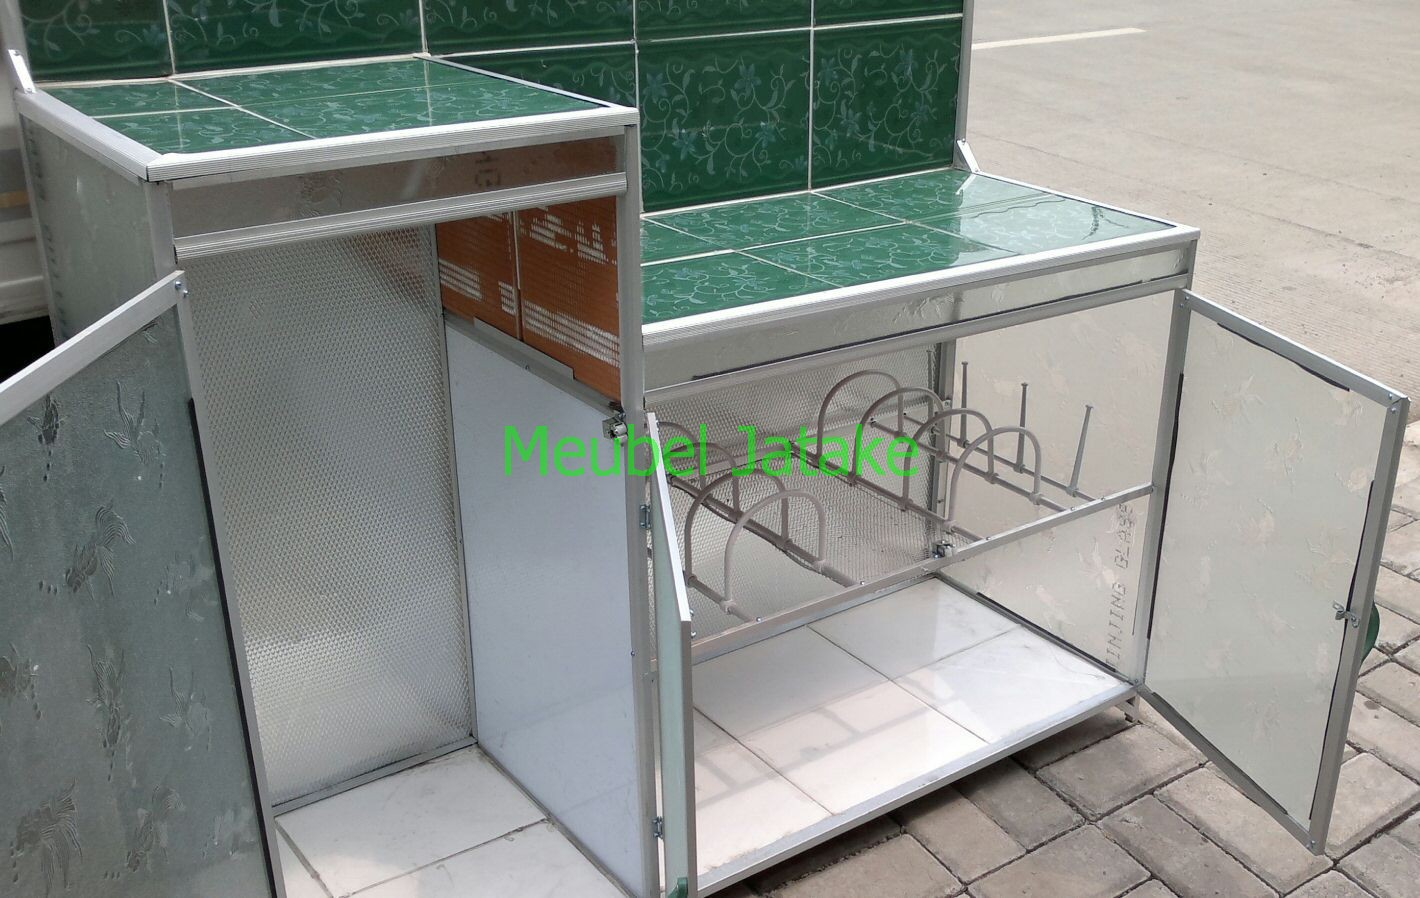 Jual Meja Dapur Meja Kompor 3 Pintu Rak Piring Model L